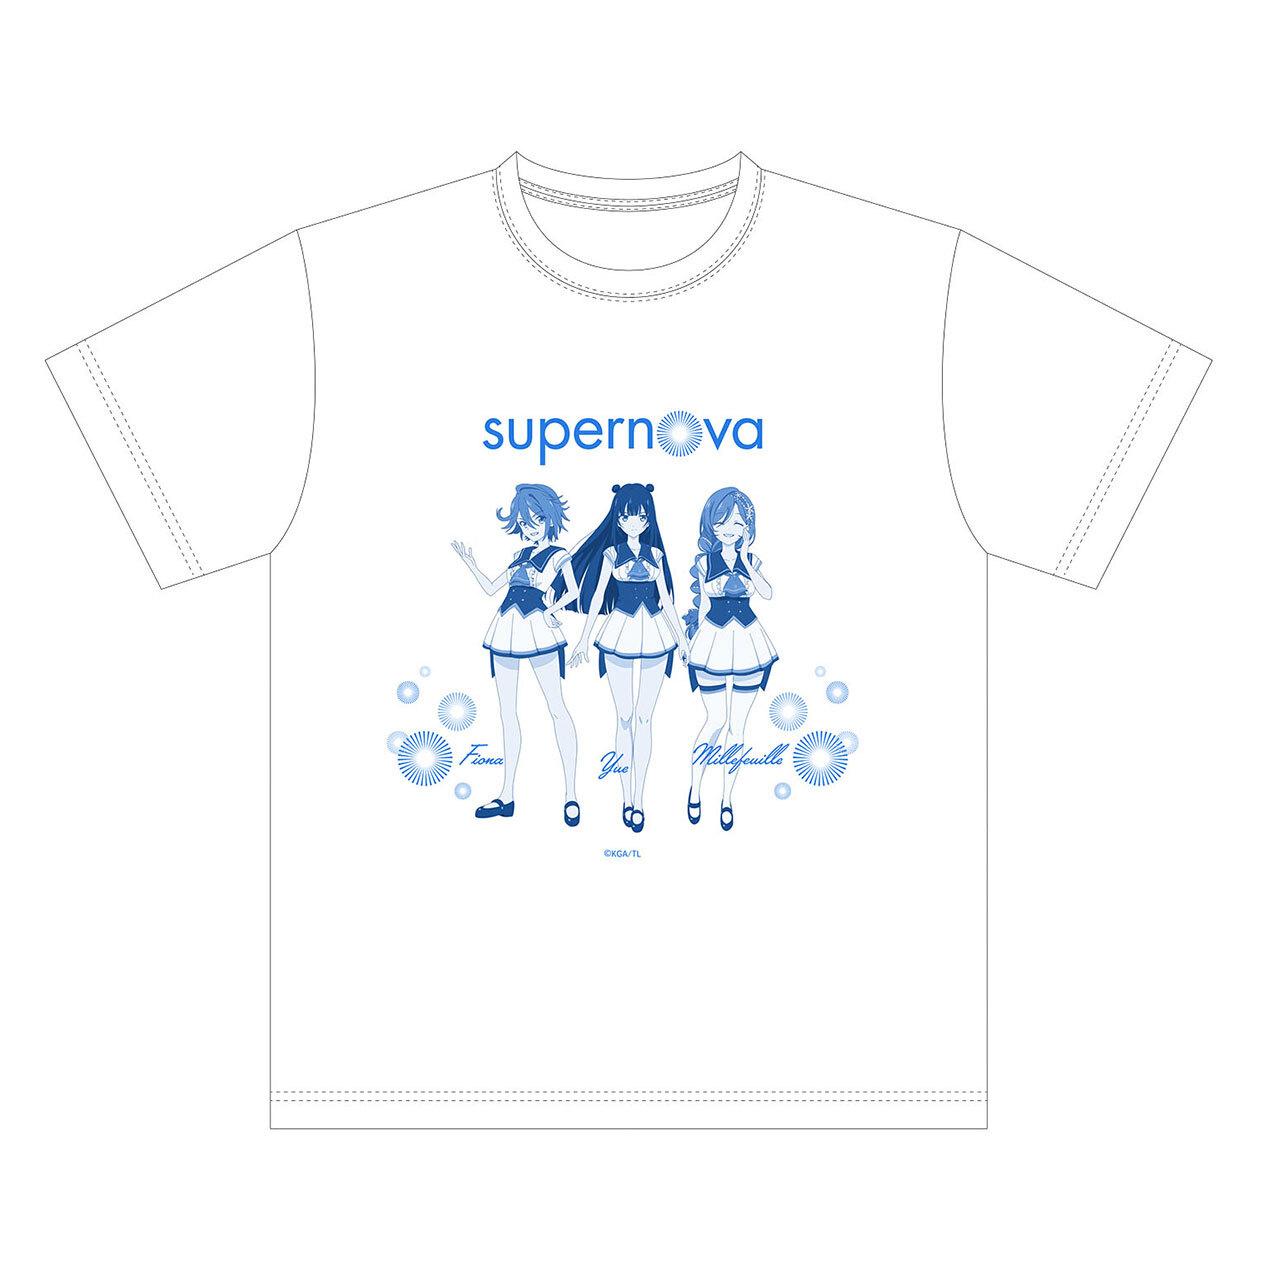 【4589839354691予】ラピスリライツ supernova Tシャツ 白/XLサイズ